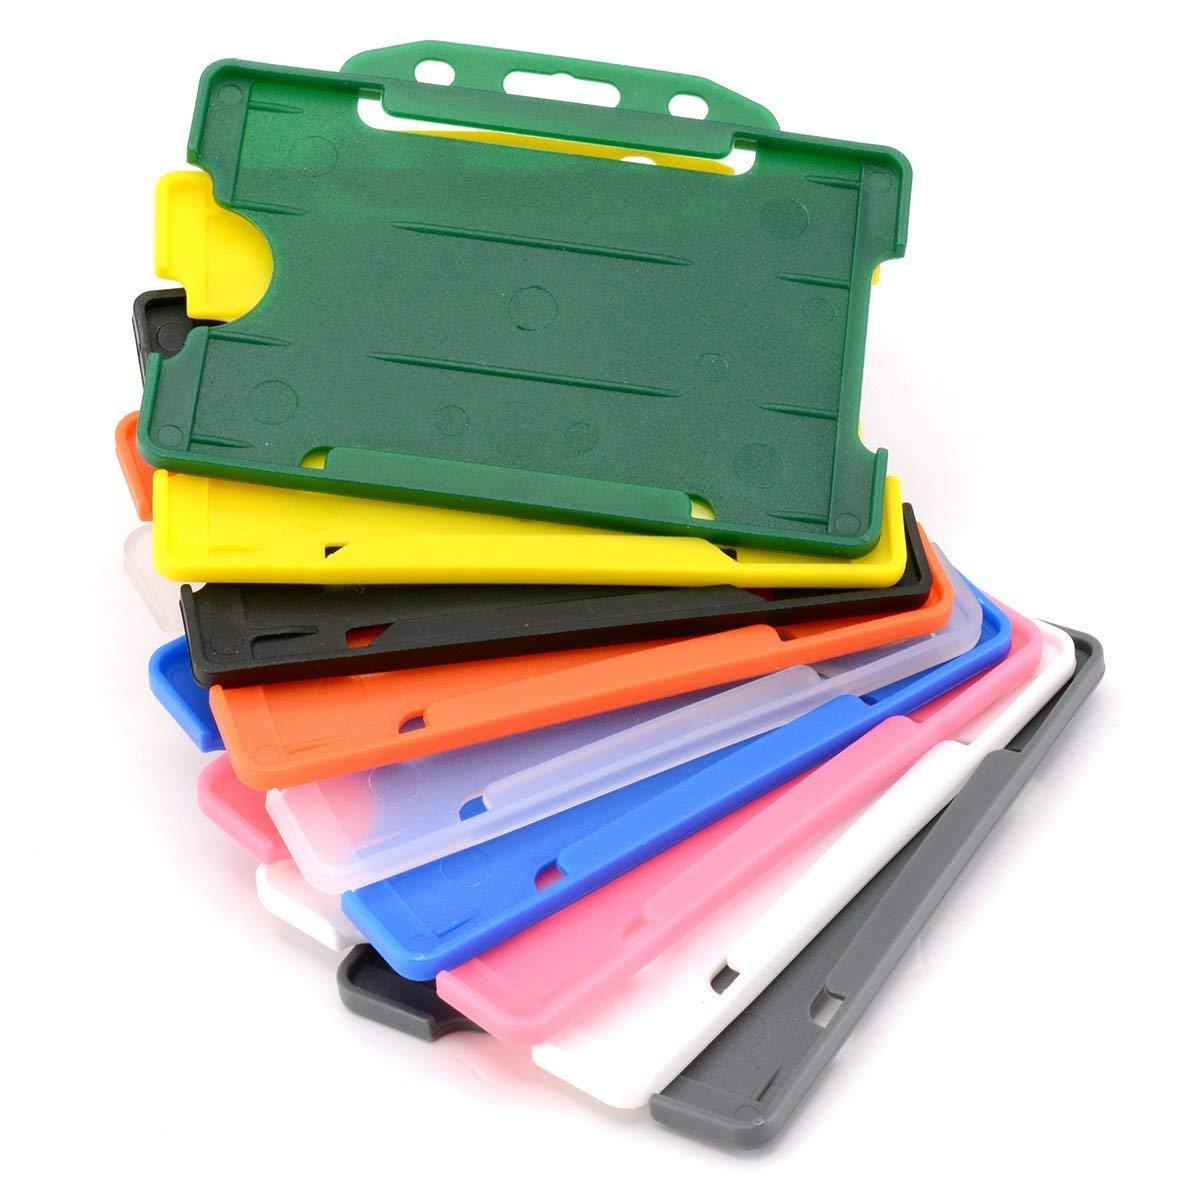 /contiene fino a 86/mm 54/mm CR80/da carta di credito Green Lato singolo rigido scorrevole con lato aperto porta badge orizzontale//paesaggio identit/à plastica passo Protector/